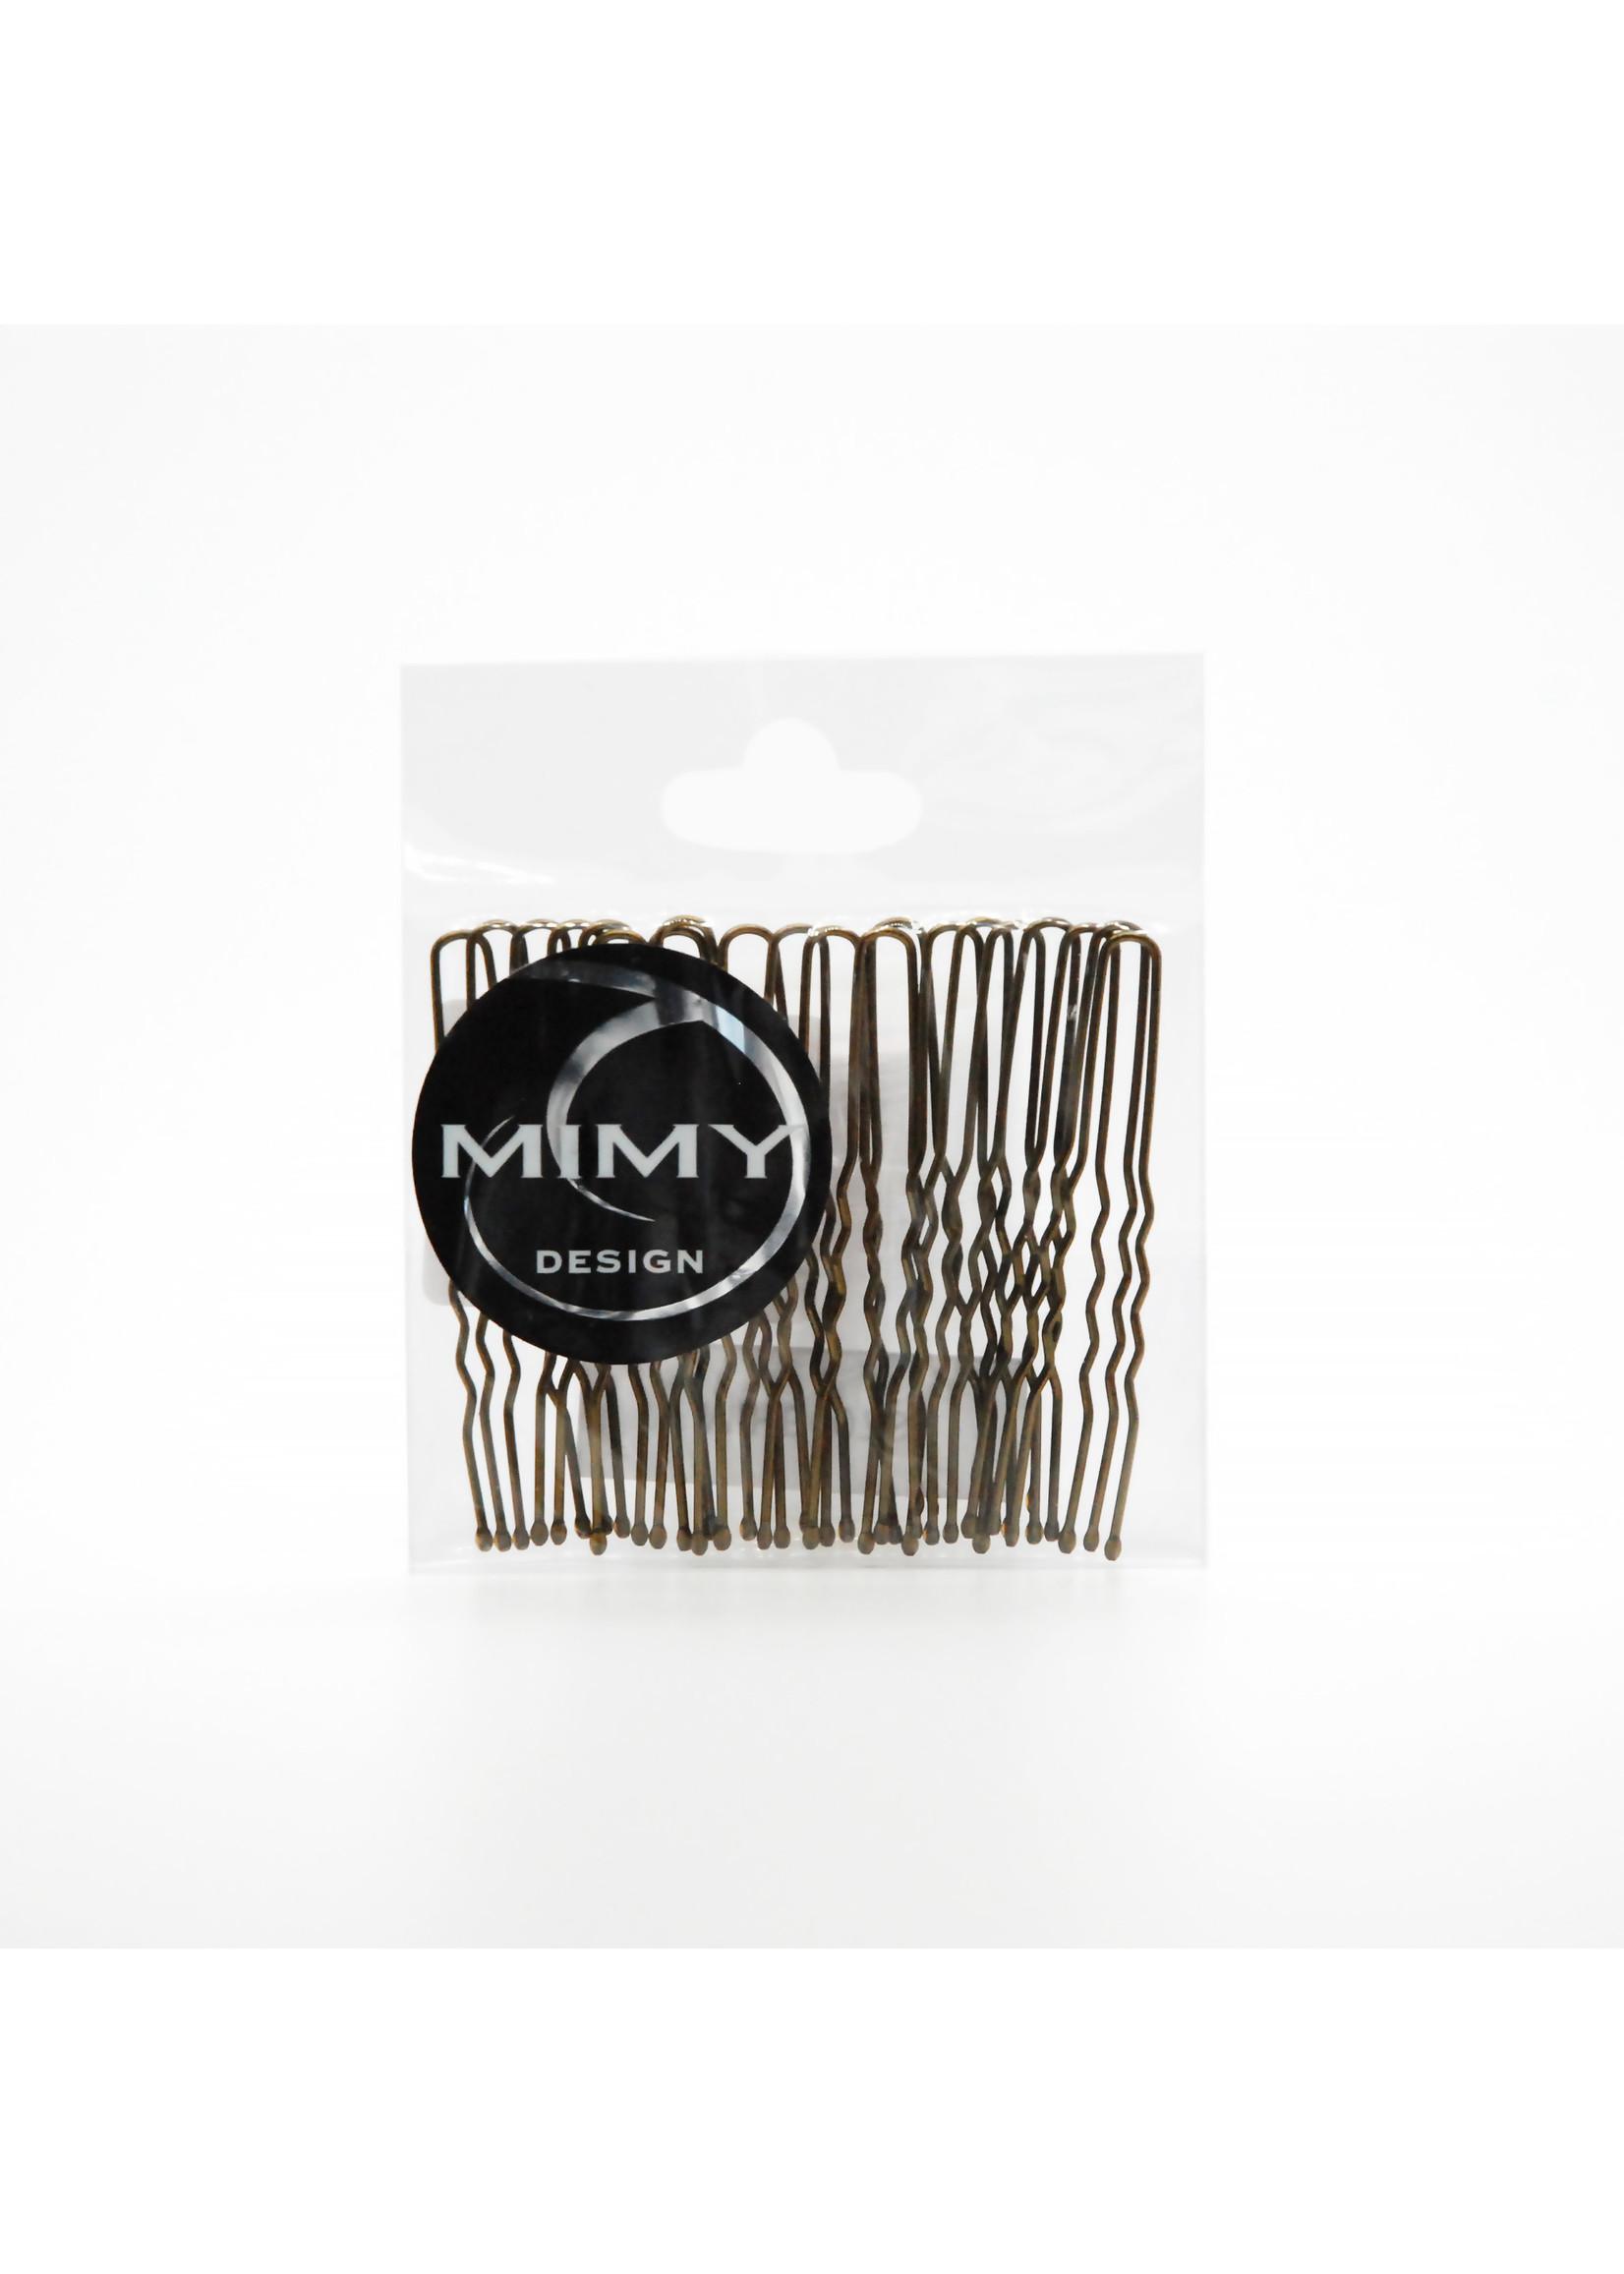 """Mimy Design Épingles à chignon  - 2"""" - Mimy Design"""